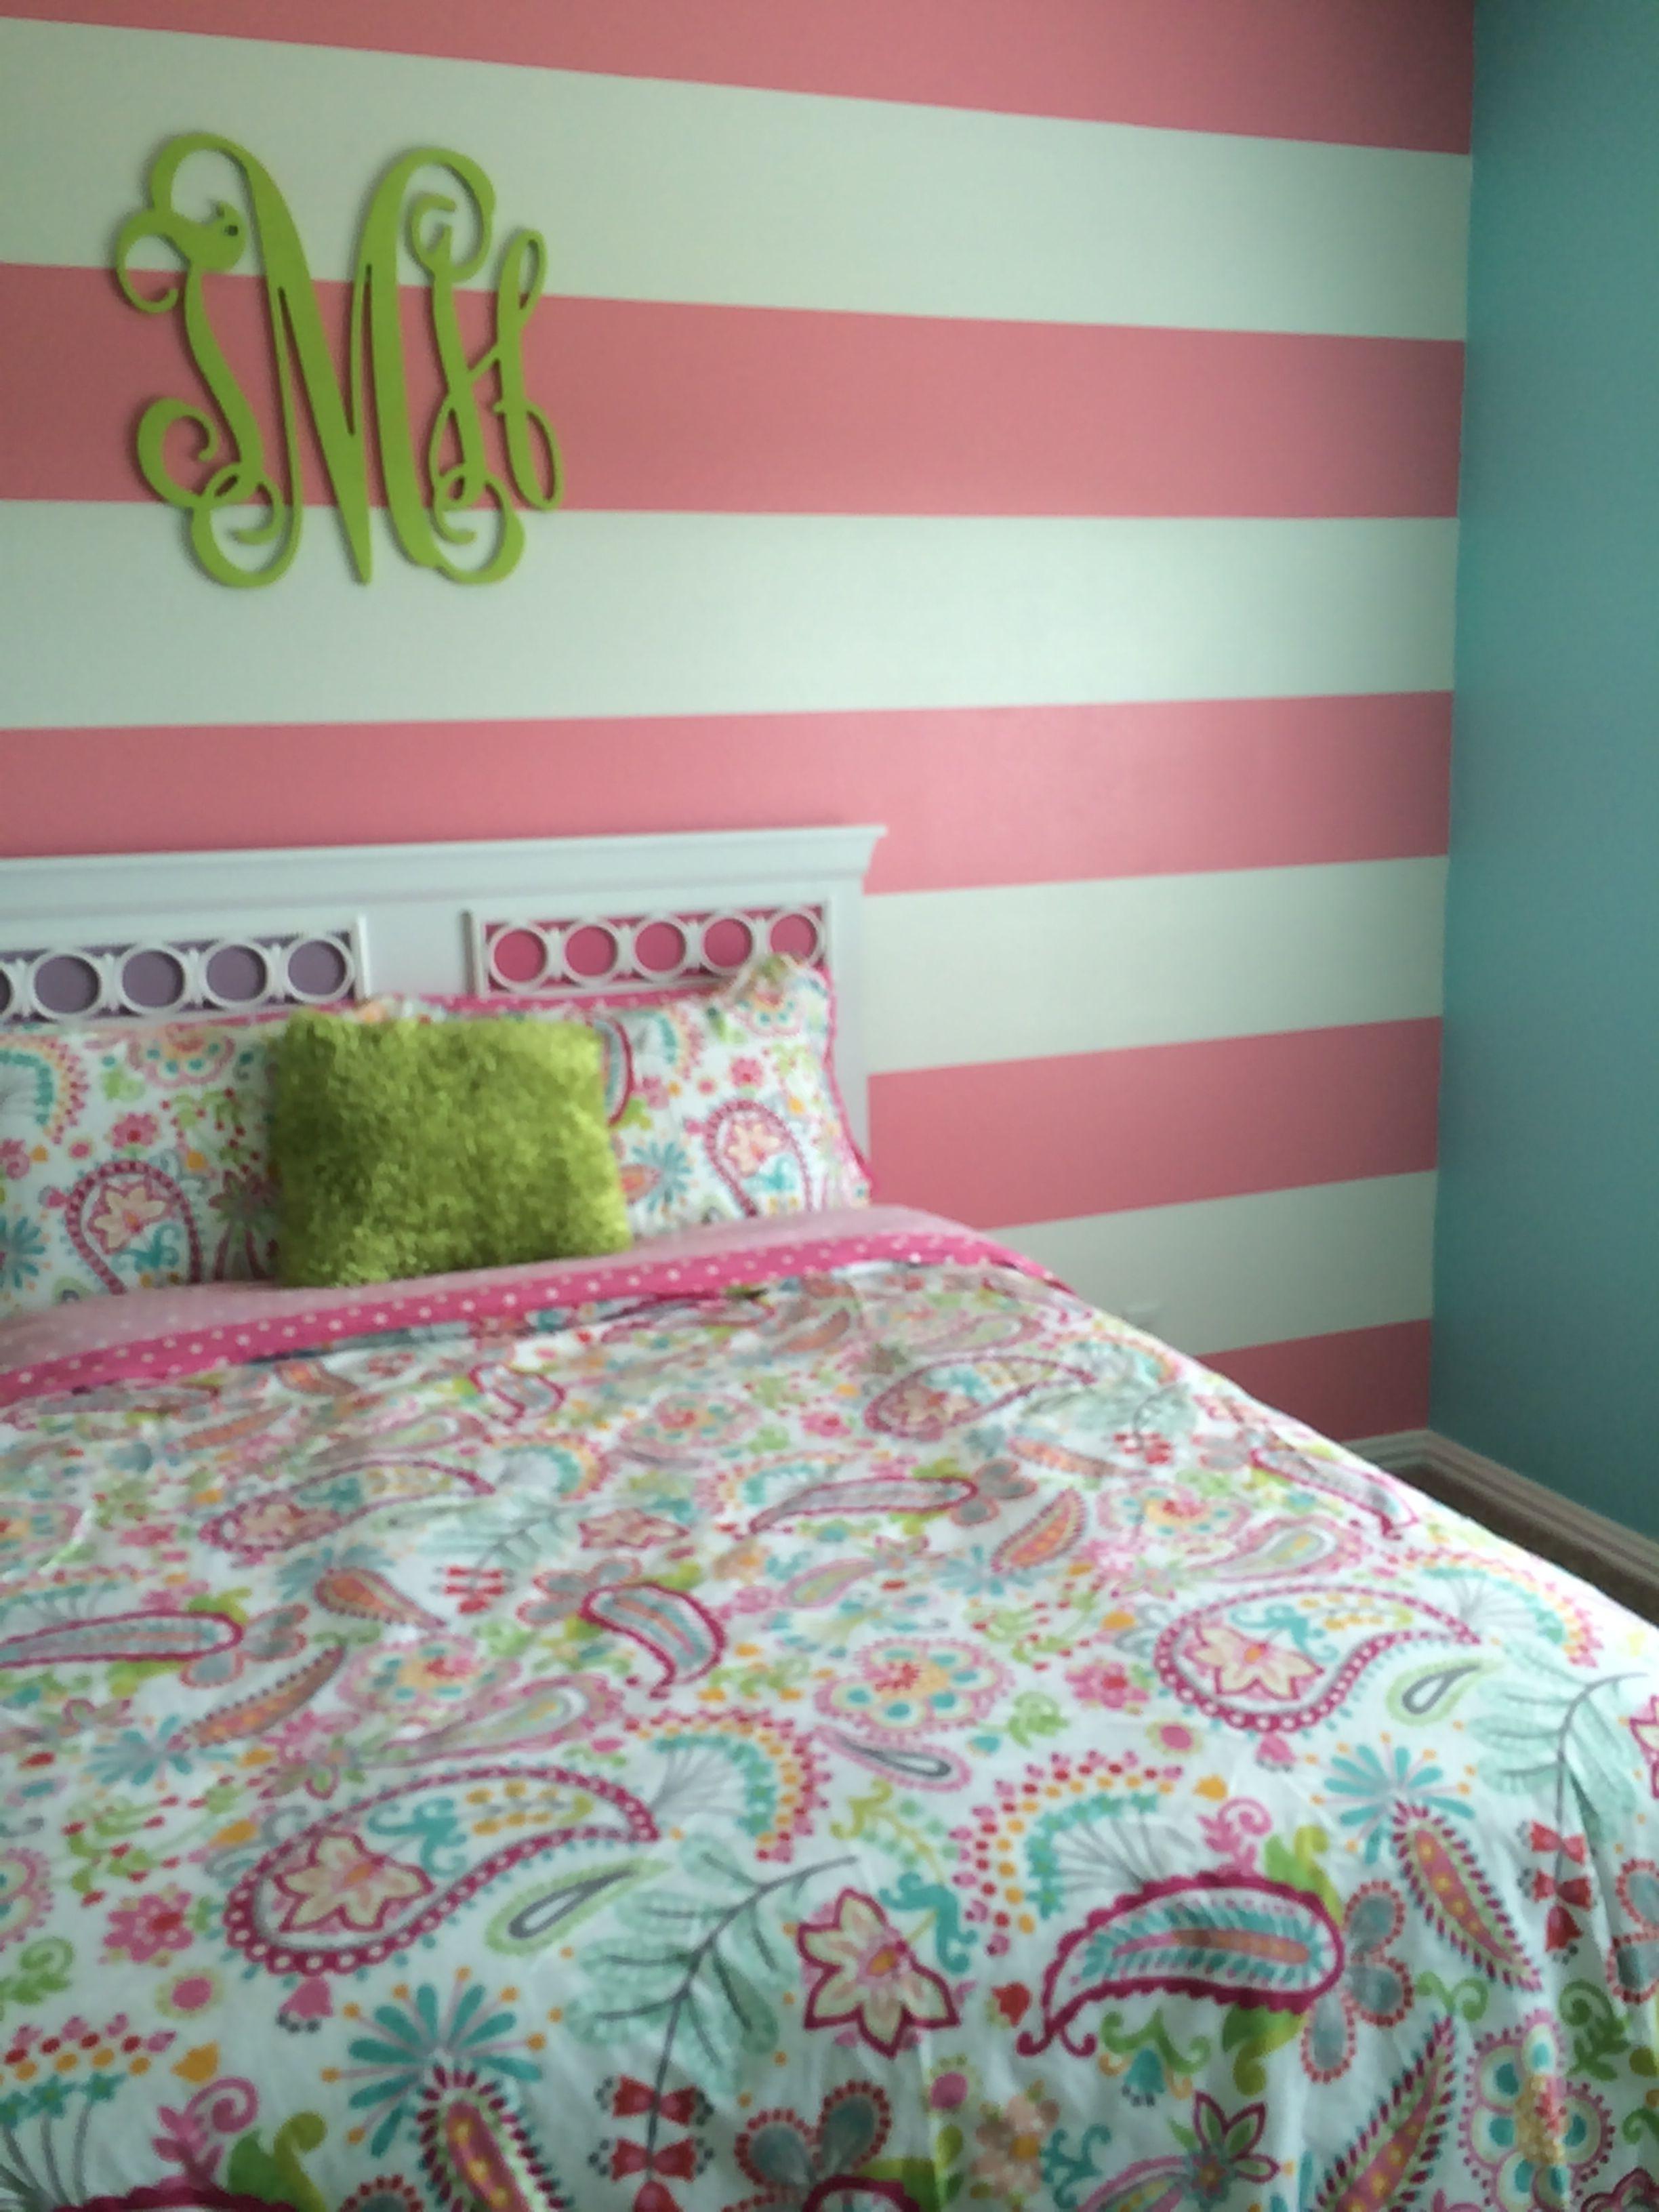 3 Room Hdb Accent Wall: Pin On Tatum